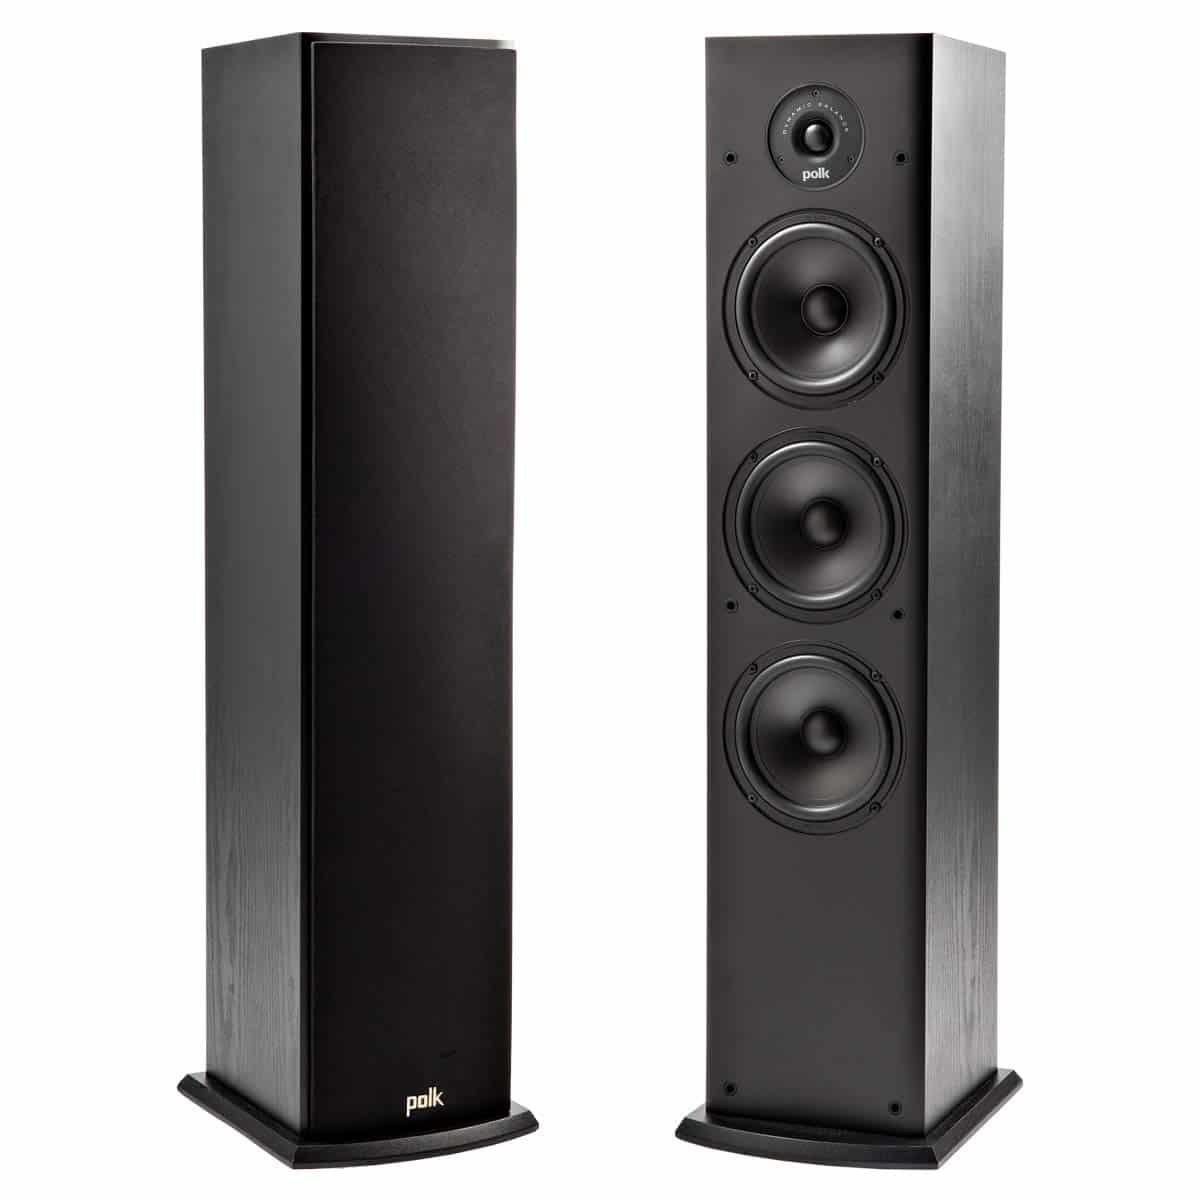 top-10-floor-standing-tower-speakers-of-2020,floor standing tower speakers, Aumoz | BEST Audio Components 2020